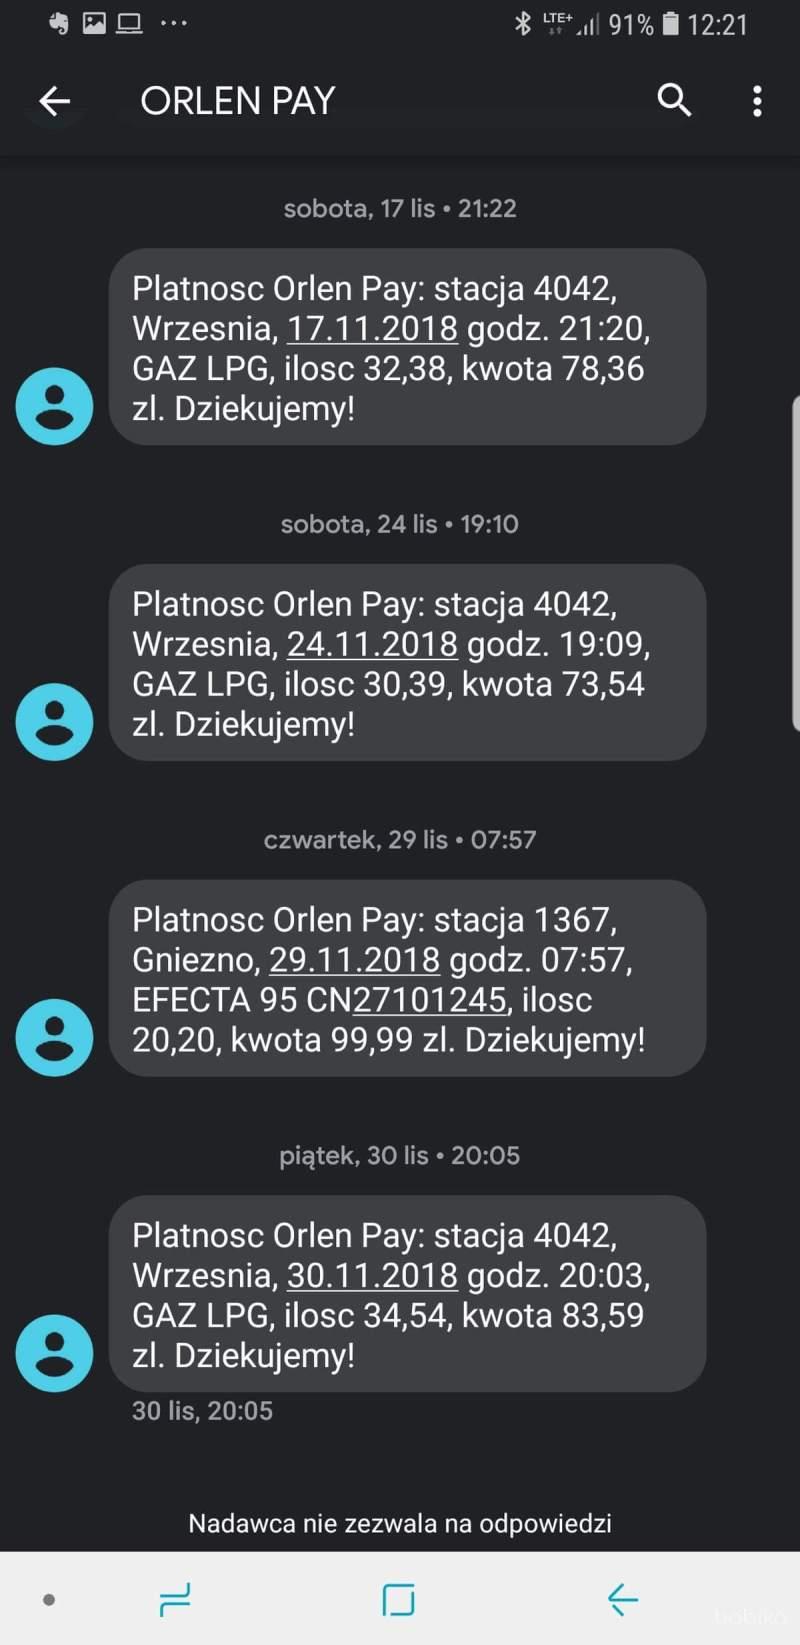 Orlen Pay